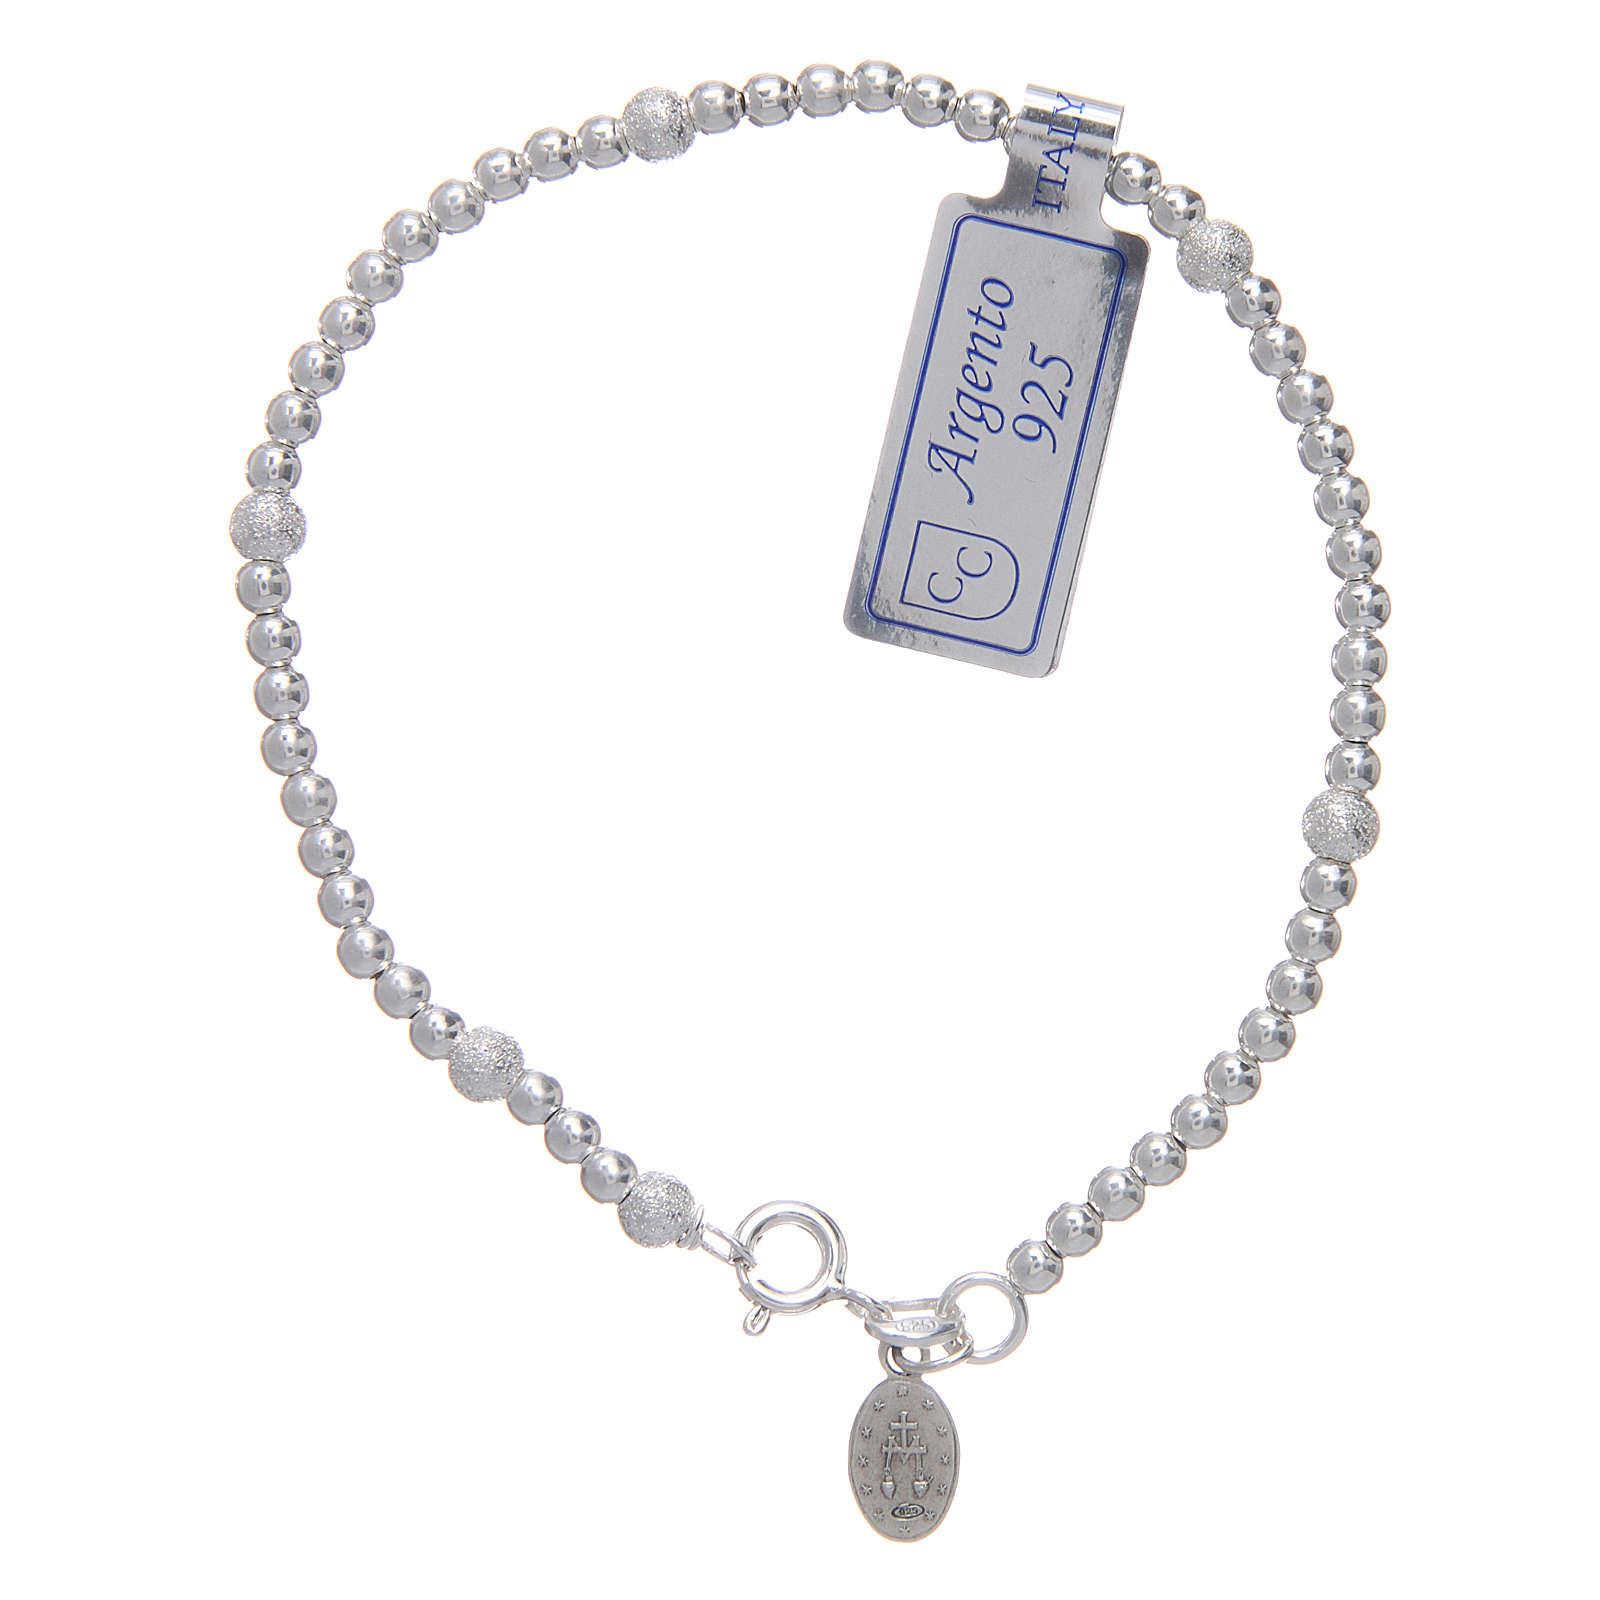 Bracciale  in argento 925 con medaglia Miracolosa 4